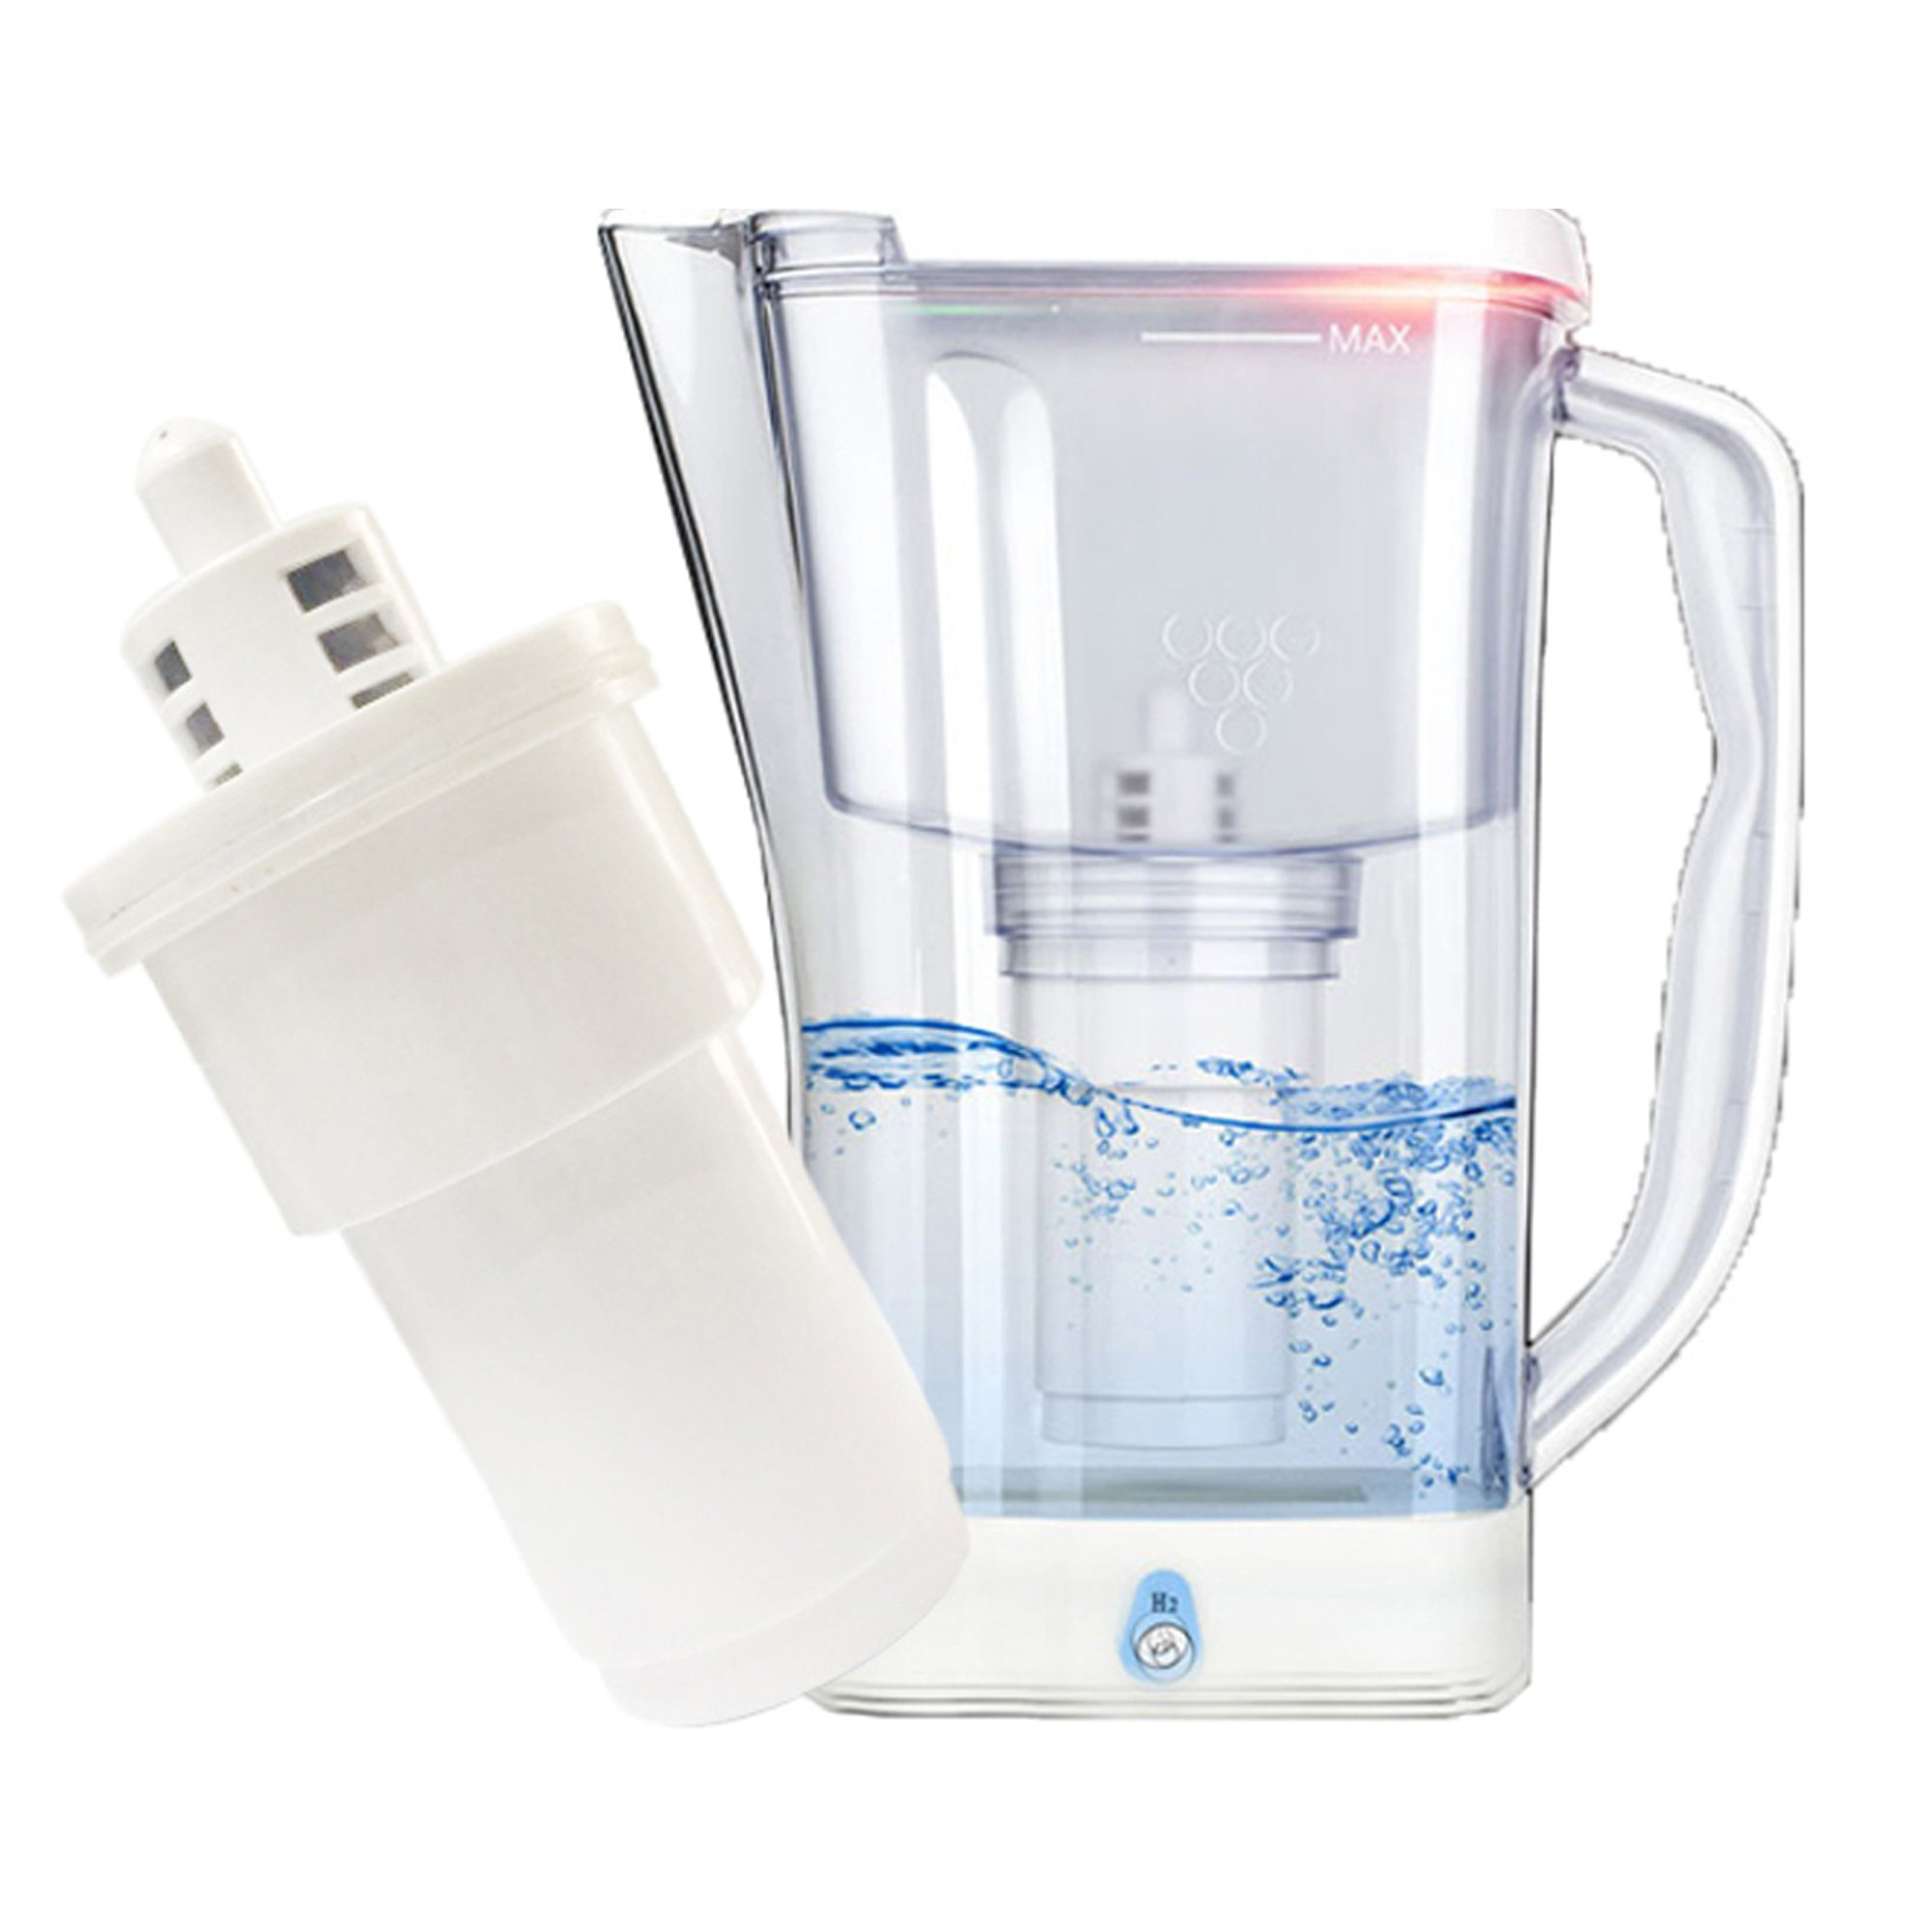 2 in 1 Hydrogen-Rich Ionizer Water Filter Jug (Water Filter Jug)